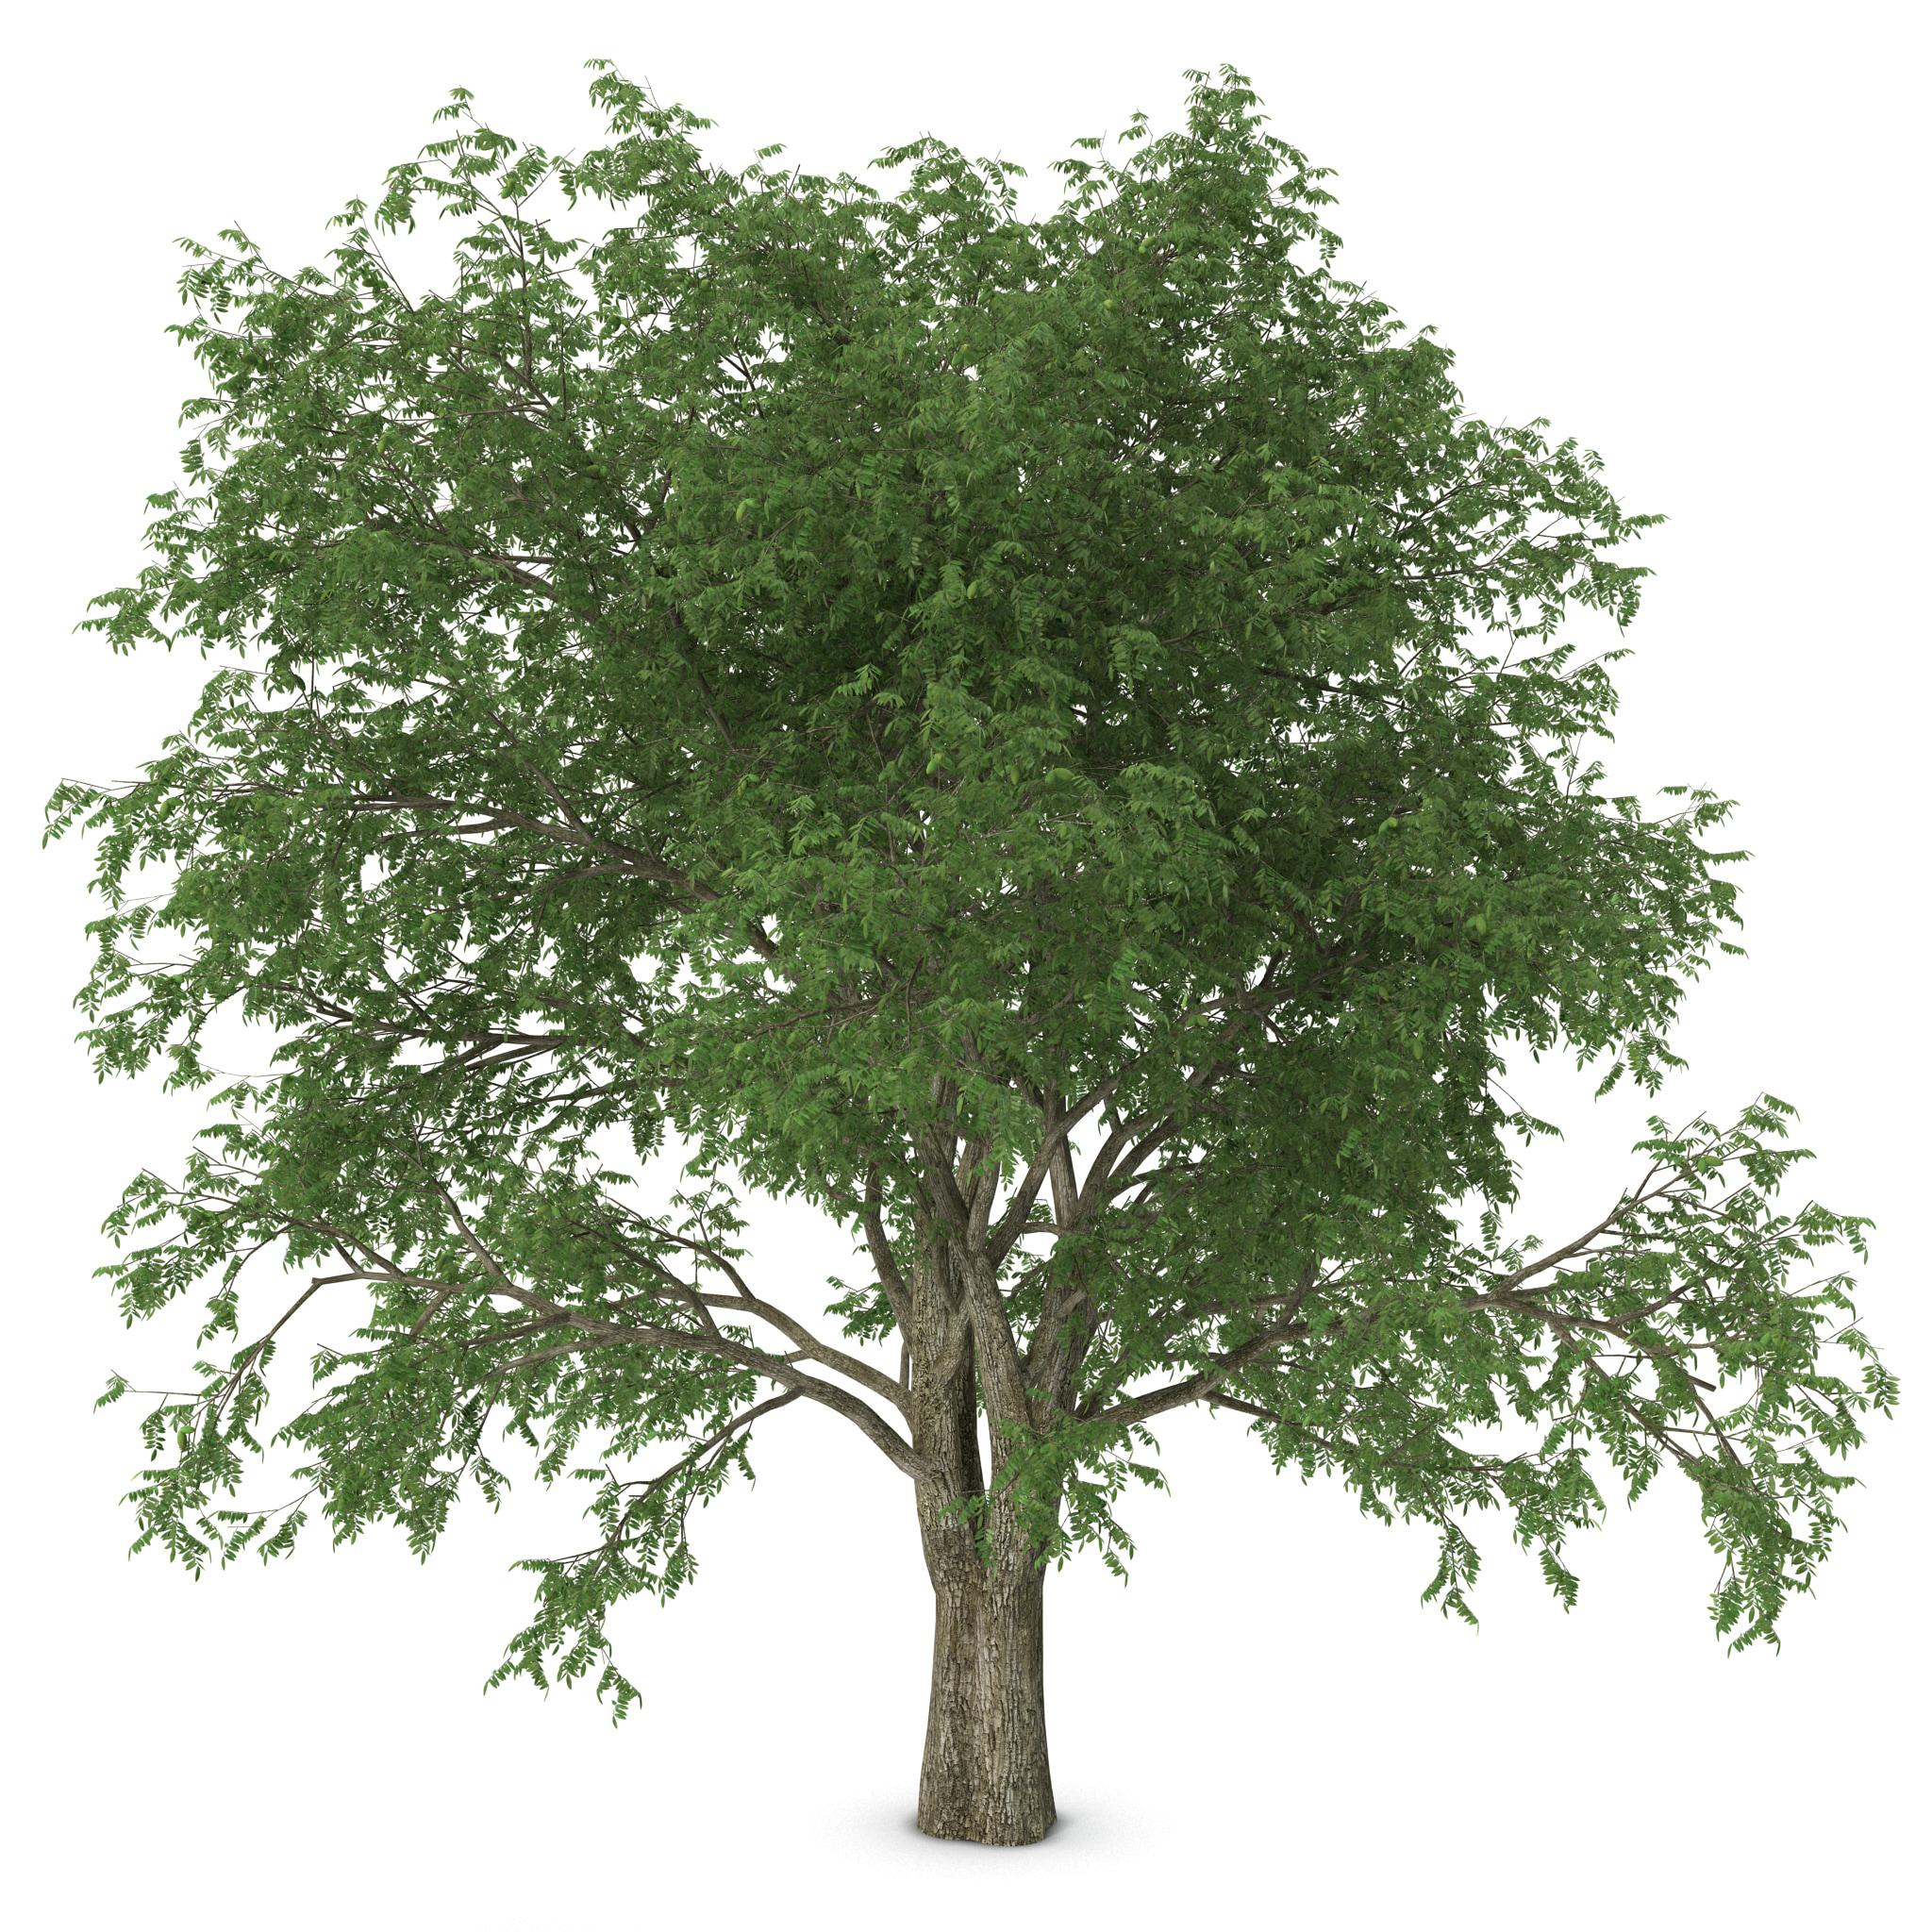 3d model pecan tree (2048 x 2048 Pixel)